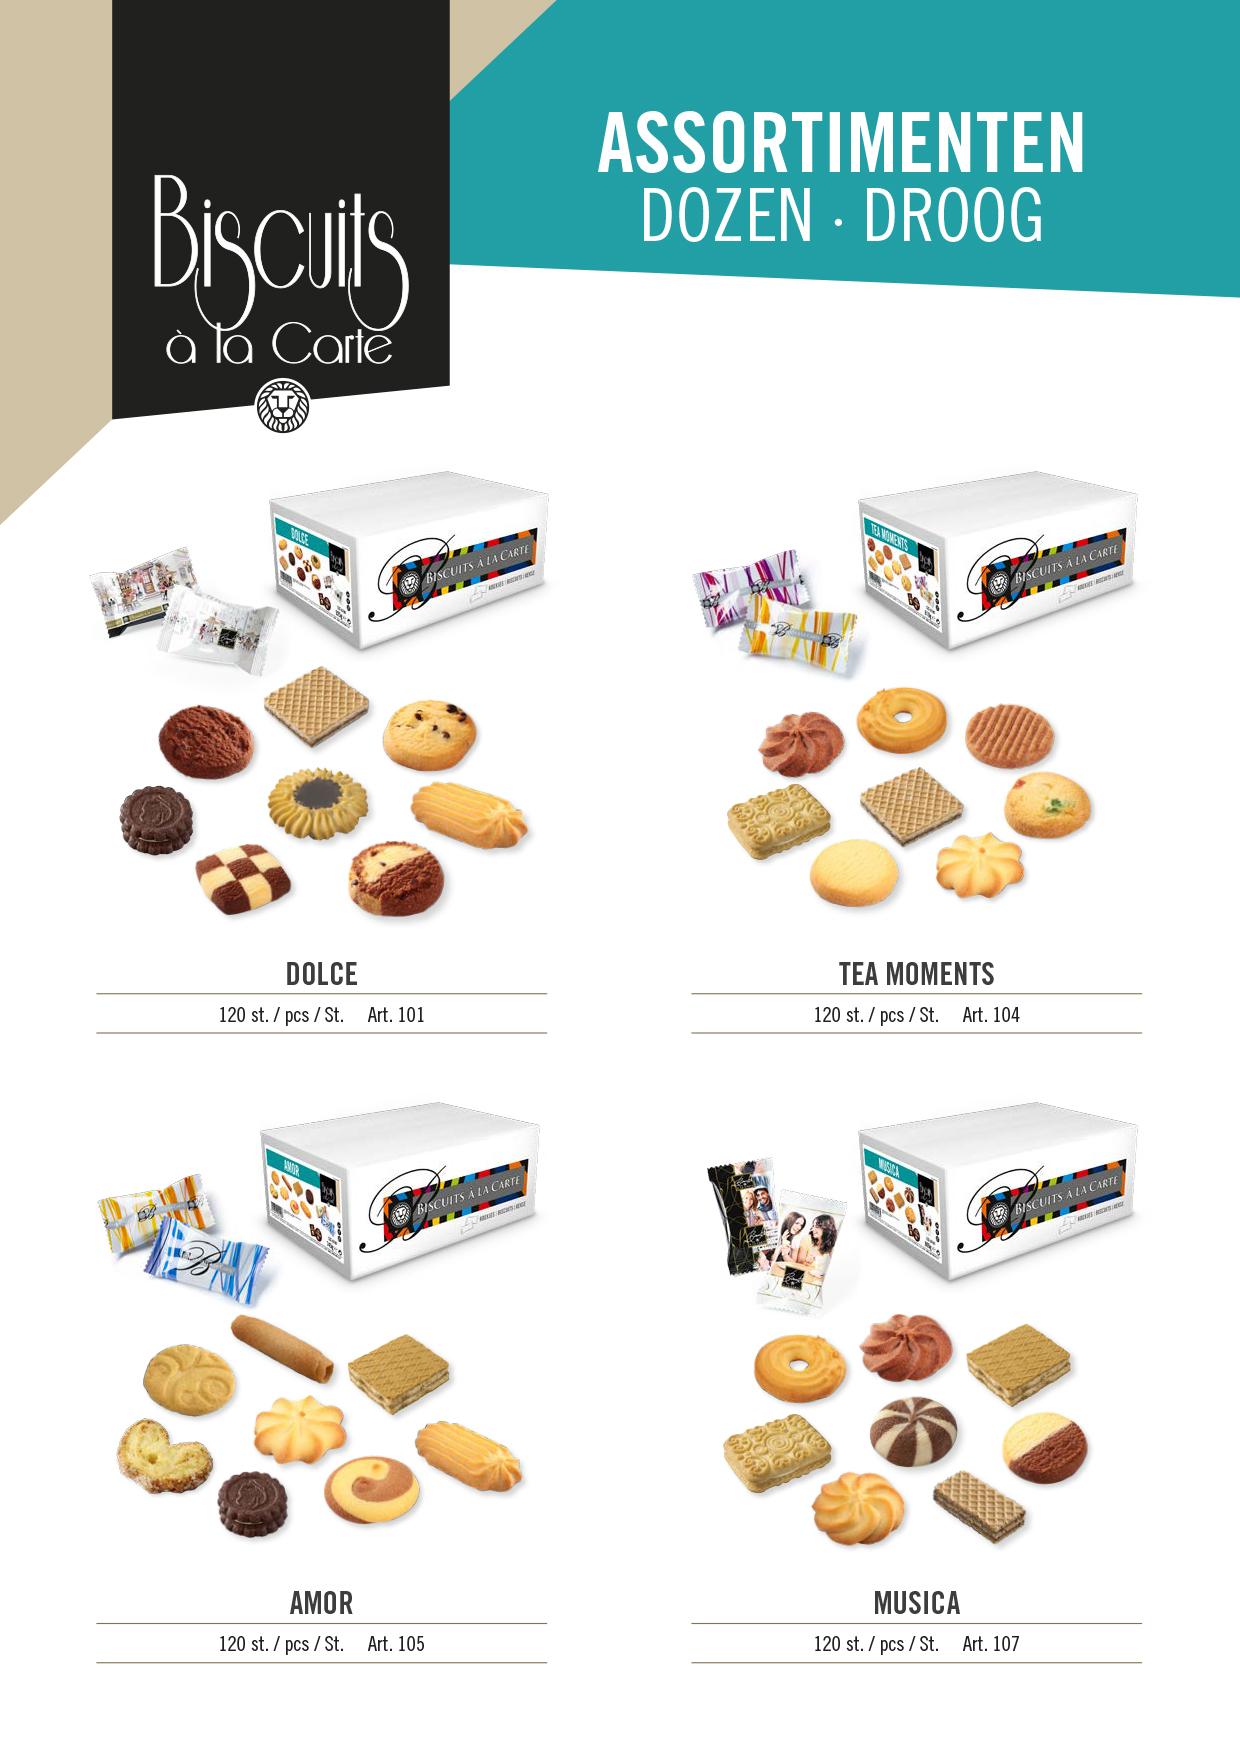 Horeca koekjes, portieverpakkingen, bijproducten koffie, thee, warme dranken, per stuk verpakte koekjes, hotel, restaurant, catering, chocolade, private label, melk, suiker, cups, suikersticks, suikerklontjes, creamer, gepersonaliseerde verpakking, gepersonaliseerde verpakking, individueel verpakte koekjes, ambachtelijke koekjes, zoetstoffen, nutroma, spaarpunten, fairtrade, palmolie vrije koekjes, portion pack, belgische chocolade, horecagroothandelaar, koffiebrander, individueel verpakken, assortiment per stuk verpakte koekjes, biscuits, biscuits à la carte